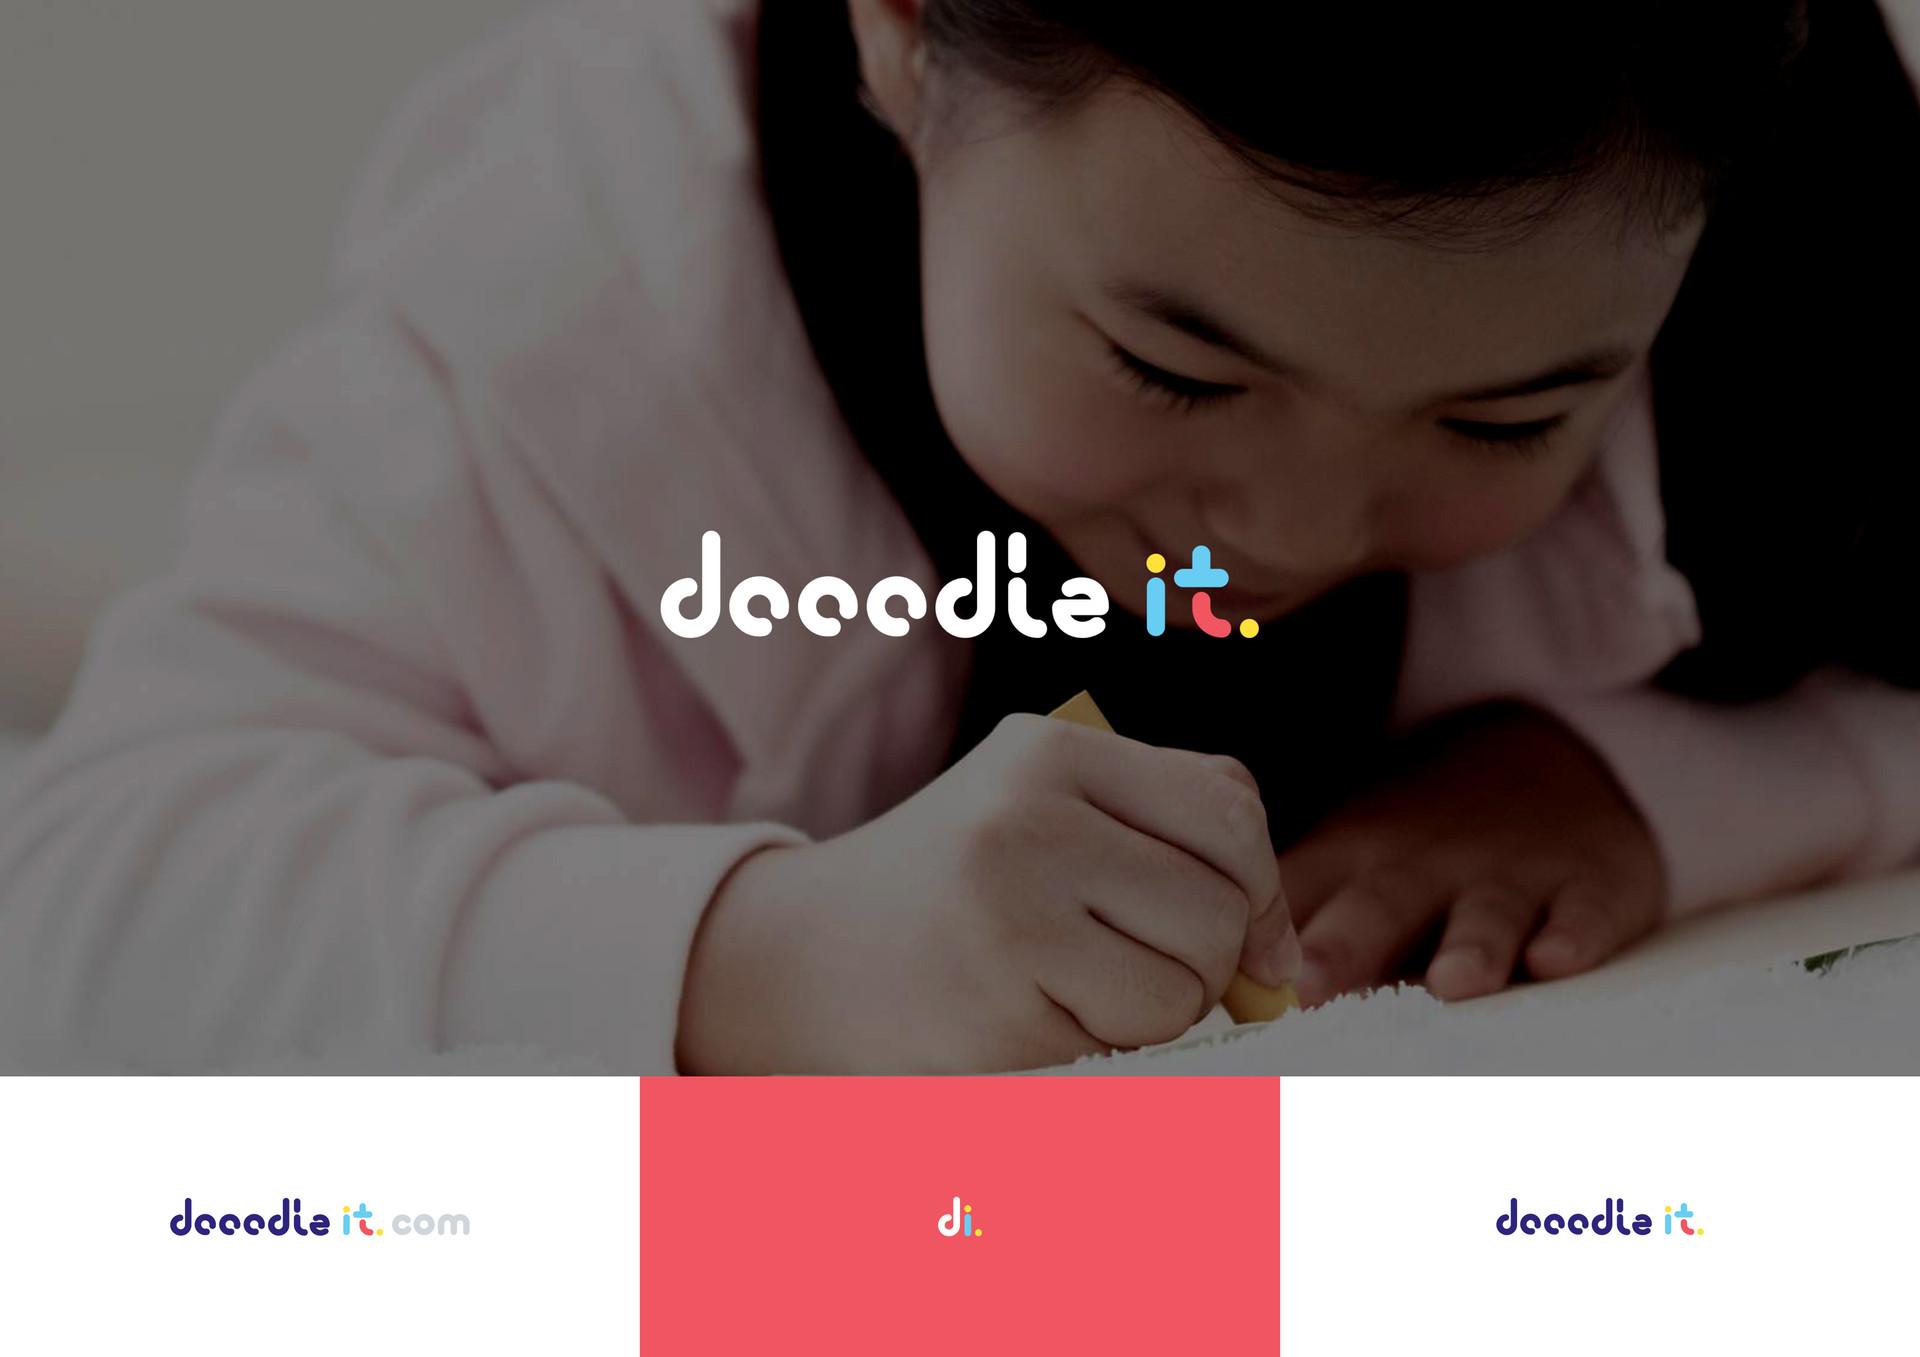 TLL_dooodleit_Logo Variations.jpg